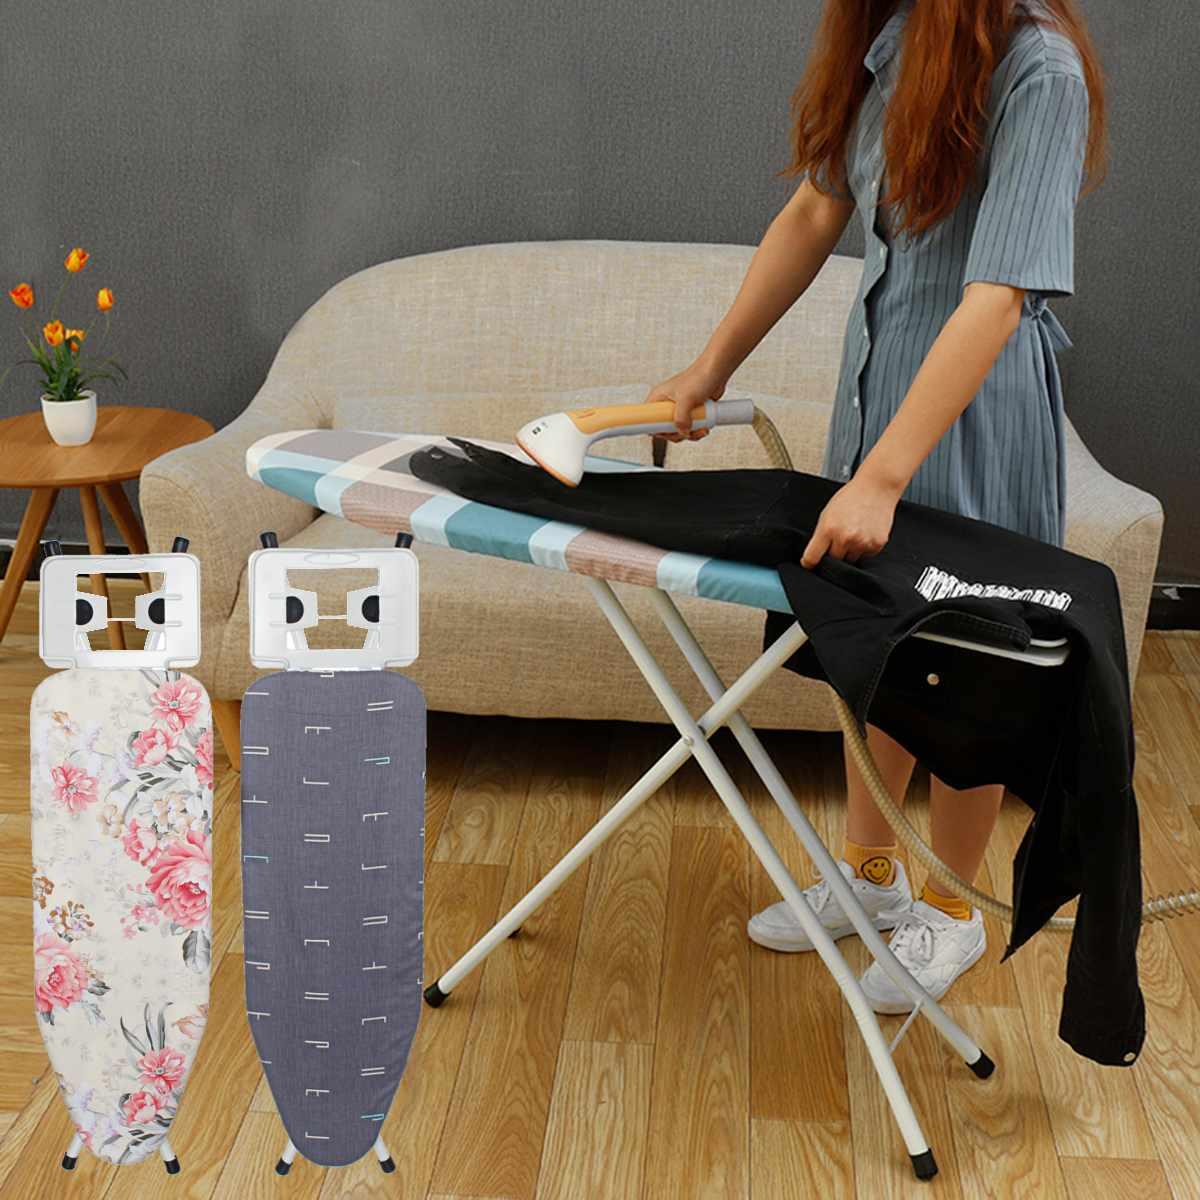 Portable pliant gain de place élastique ménage planche à repasser chaleur anti-dérapant réglable hauteur planche à repasser Table support